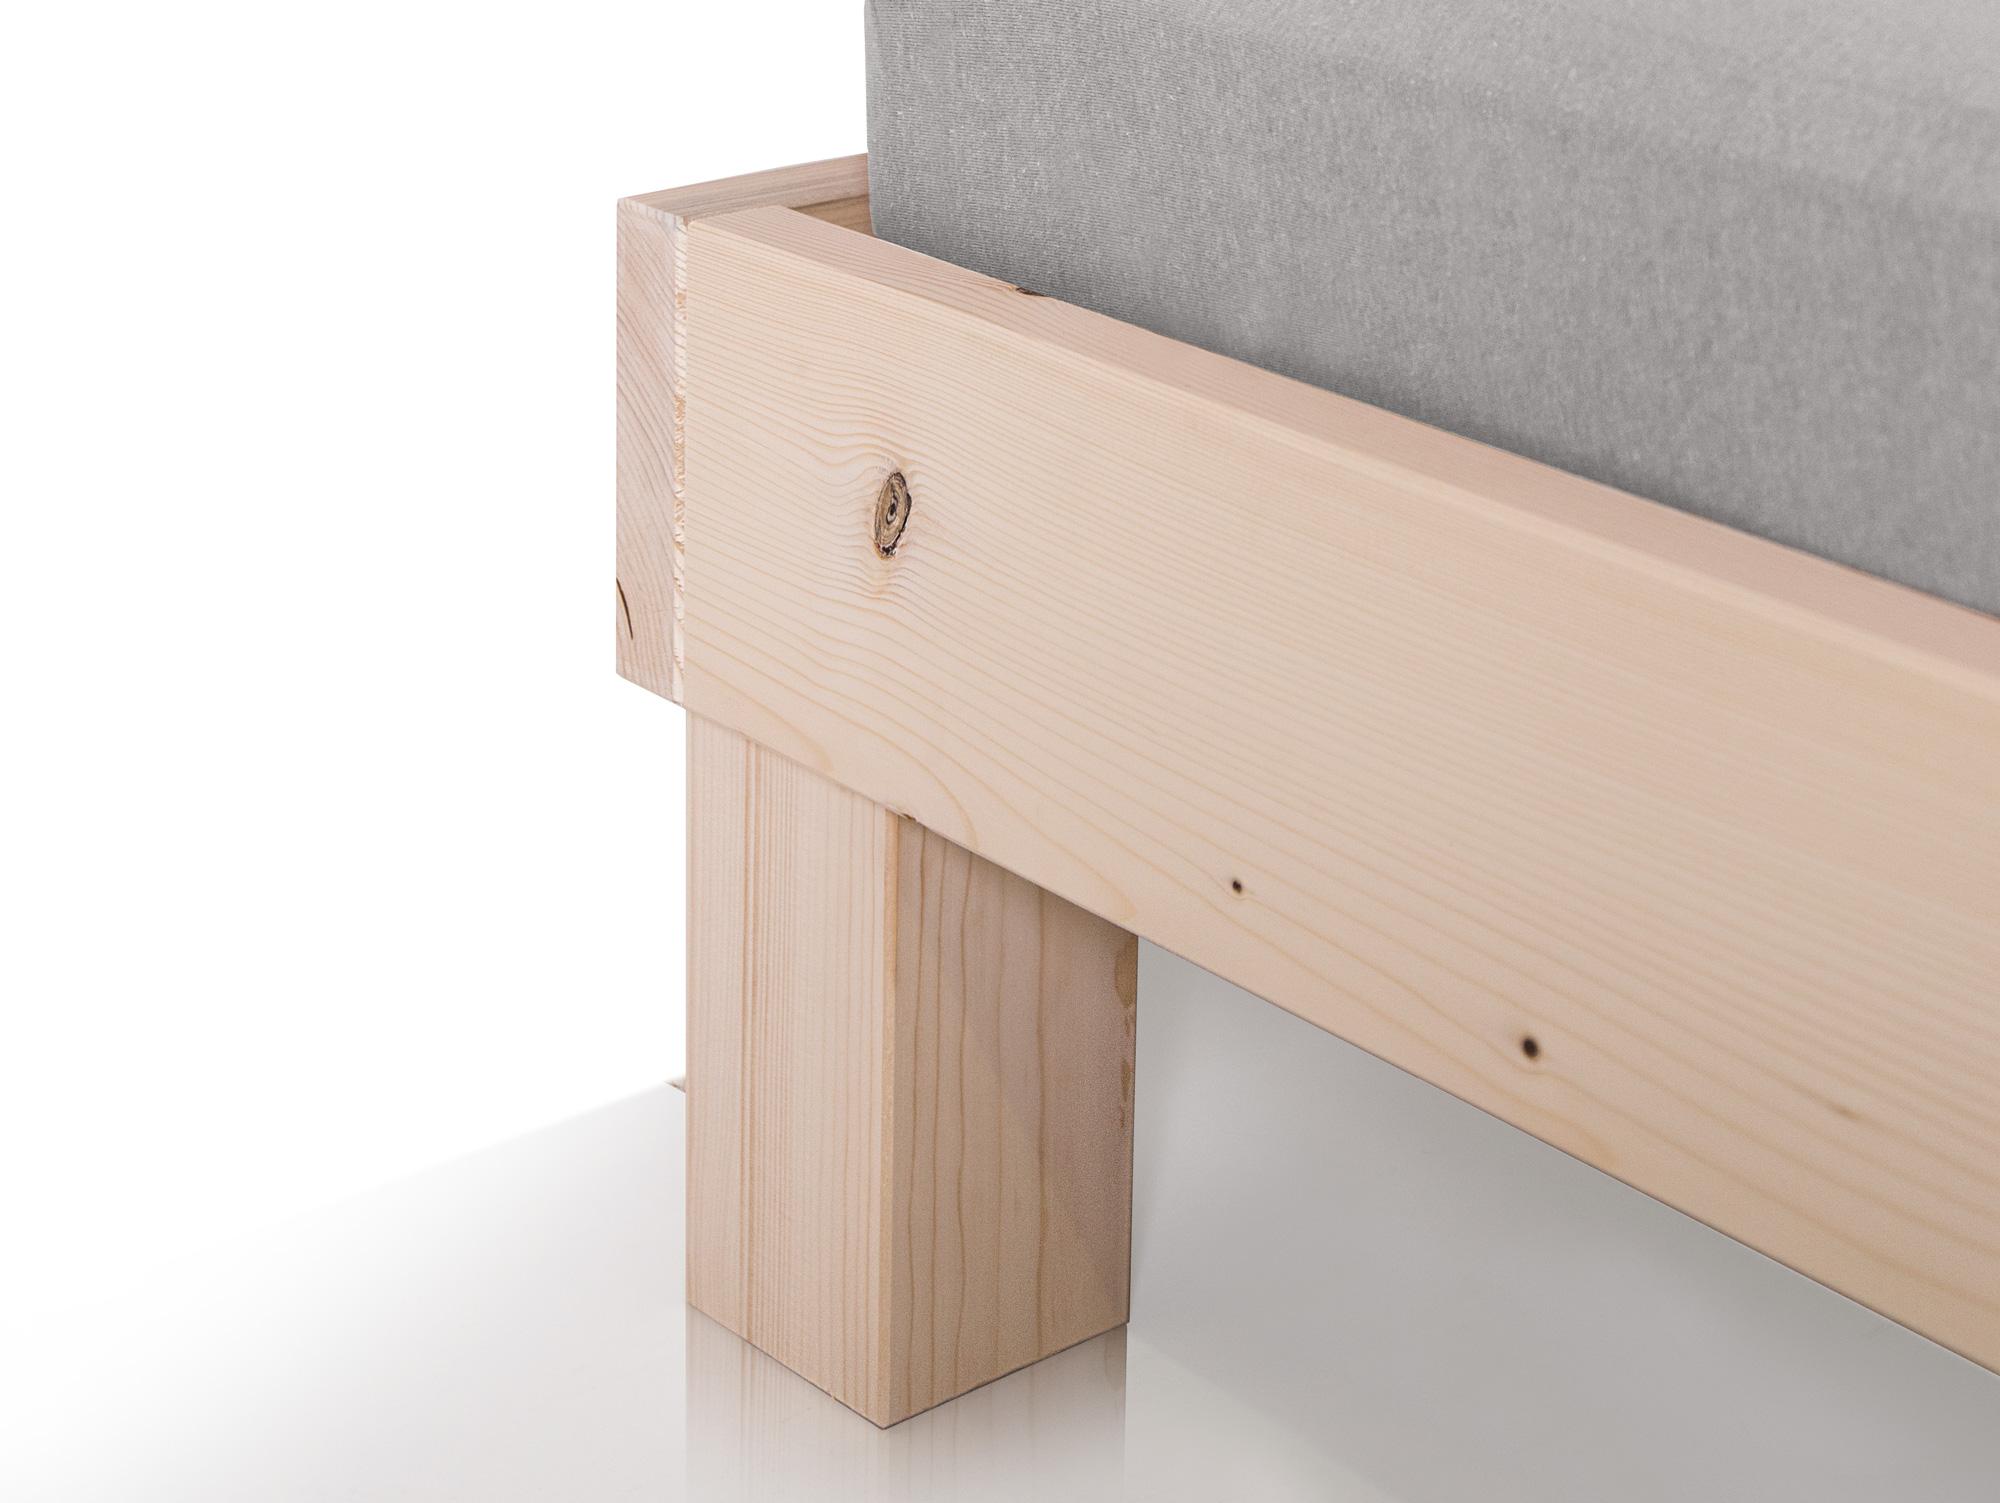 PUMBA Doppelbett Futonbett 160x200 Massivholz Fichte eichefarbig ohne Kopfteil